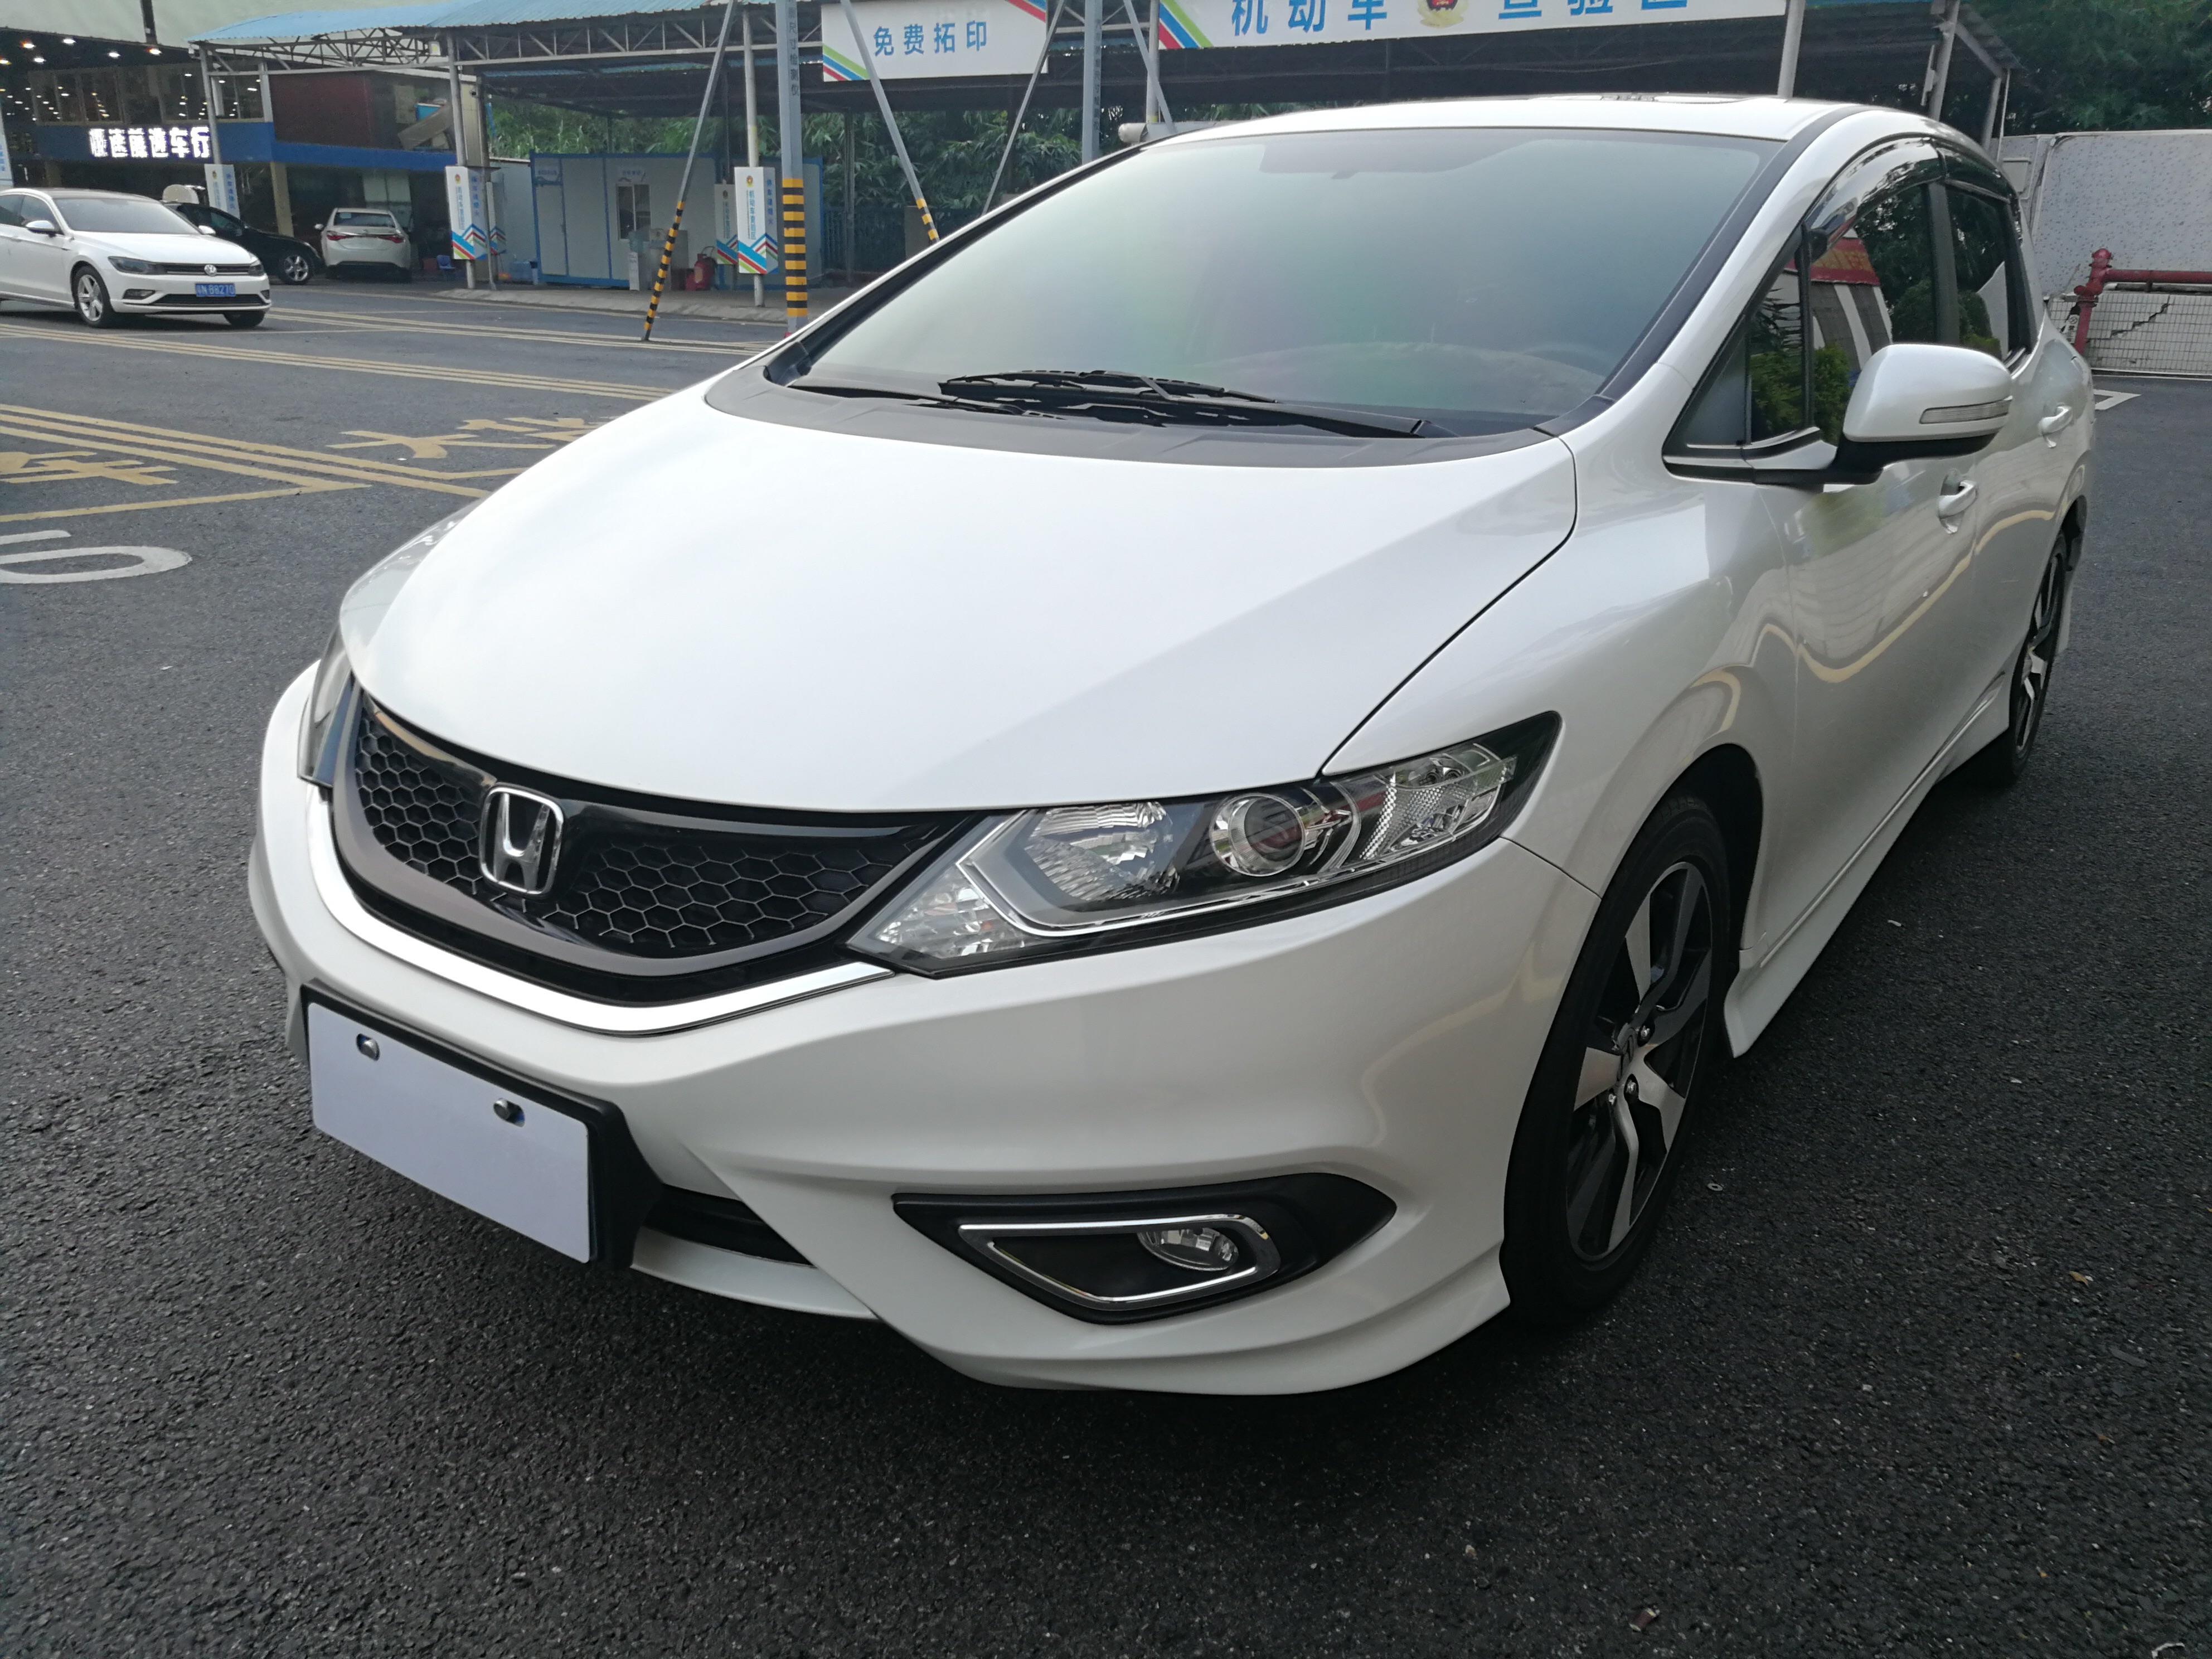 本田杰德 2016款 1.8L 自动舒适精英版 5座